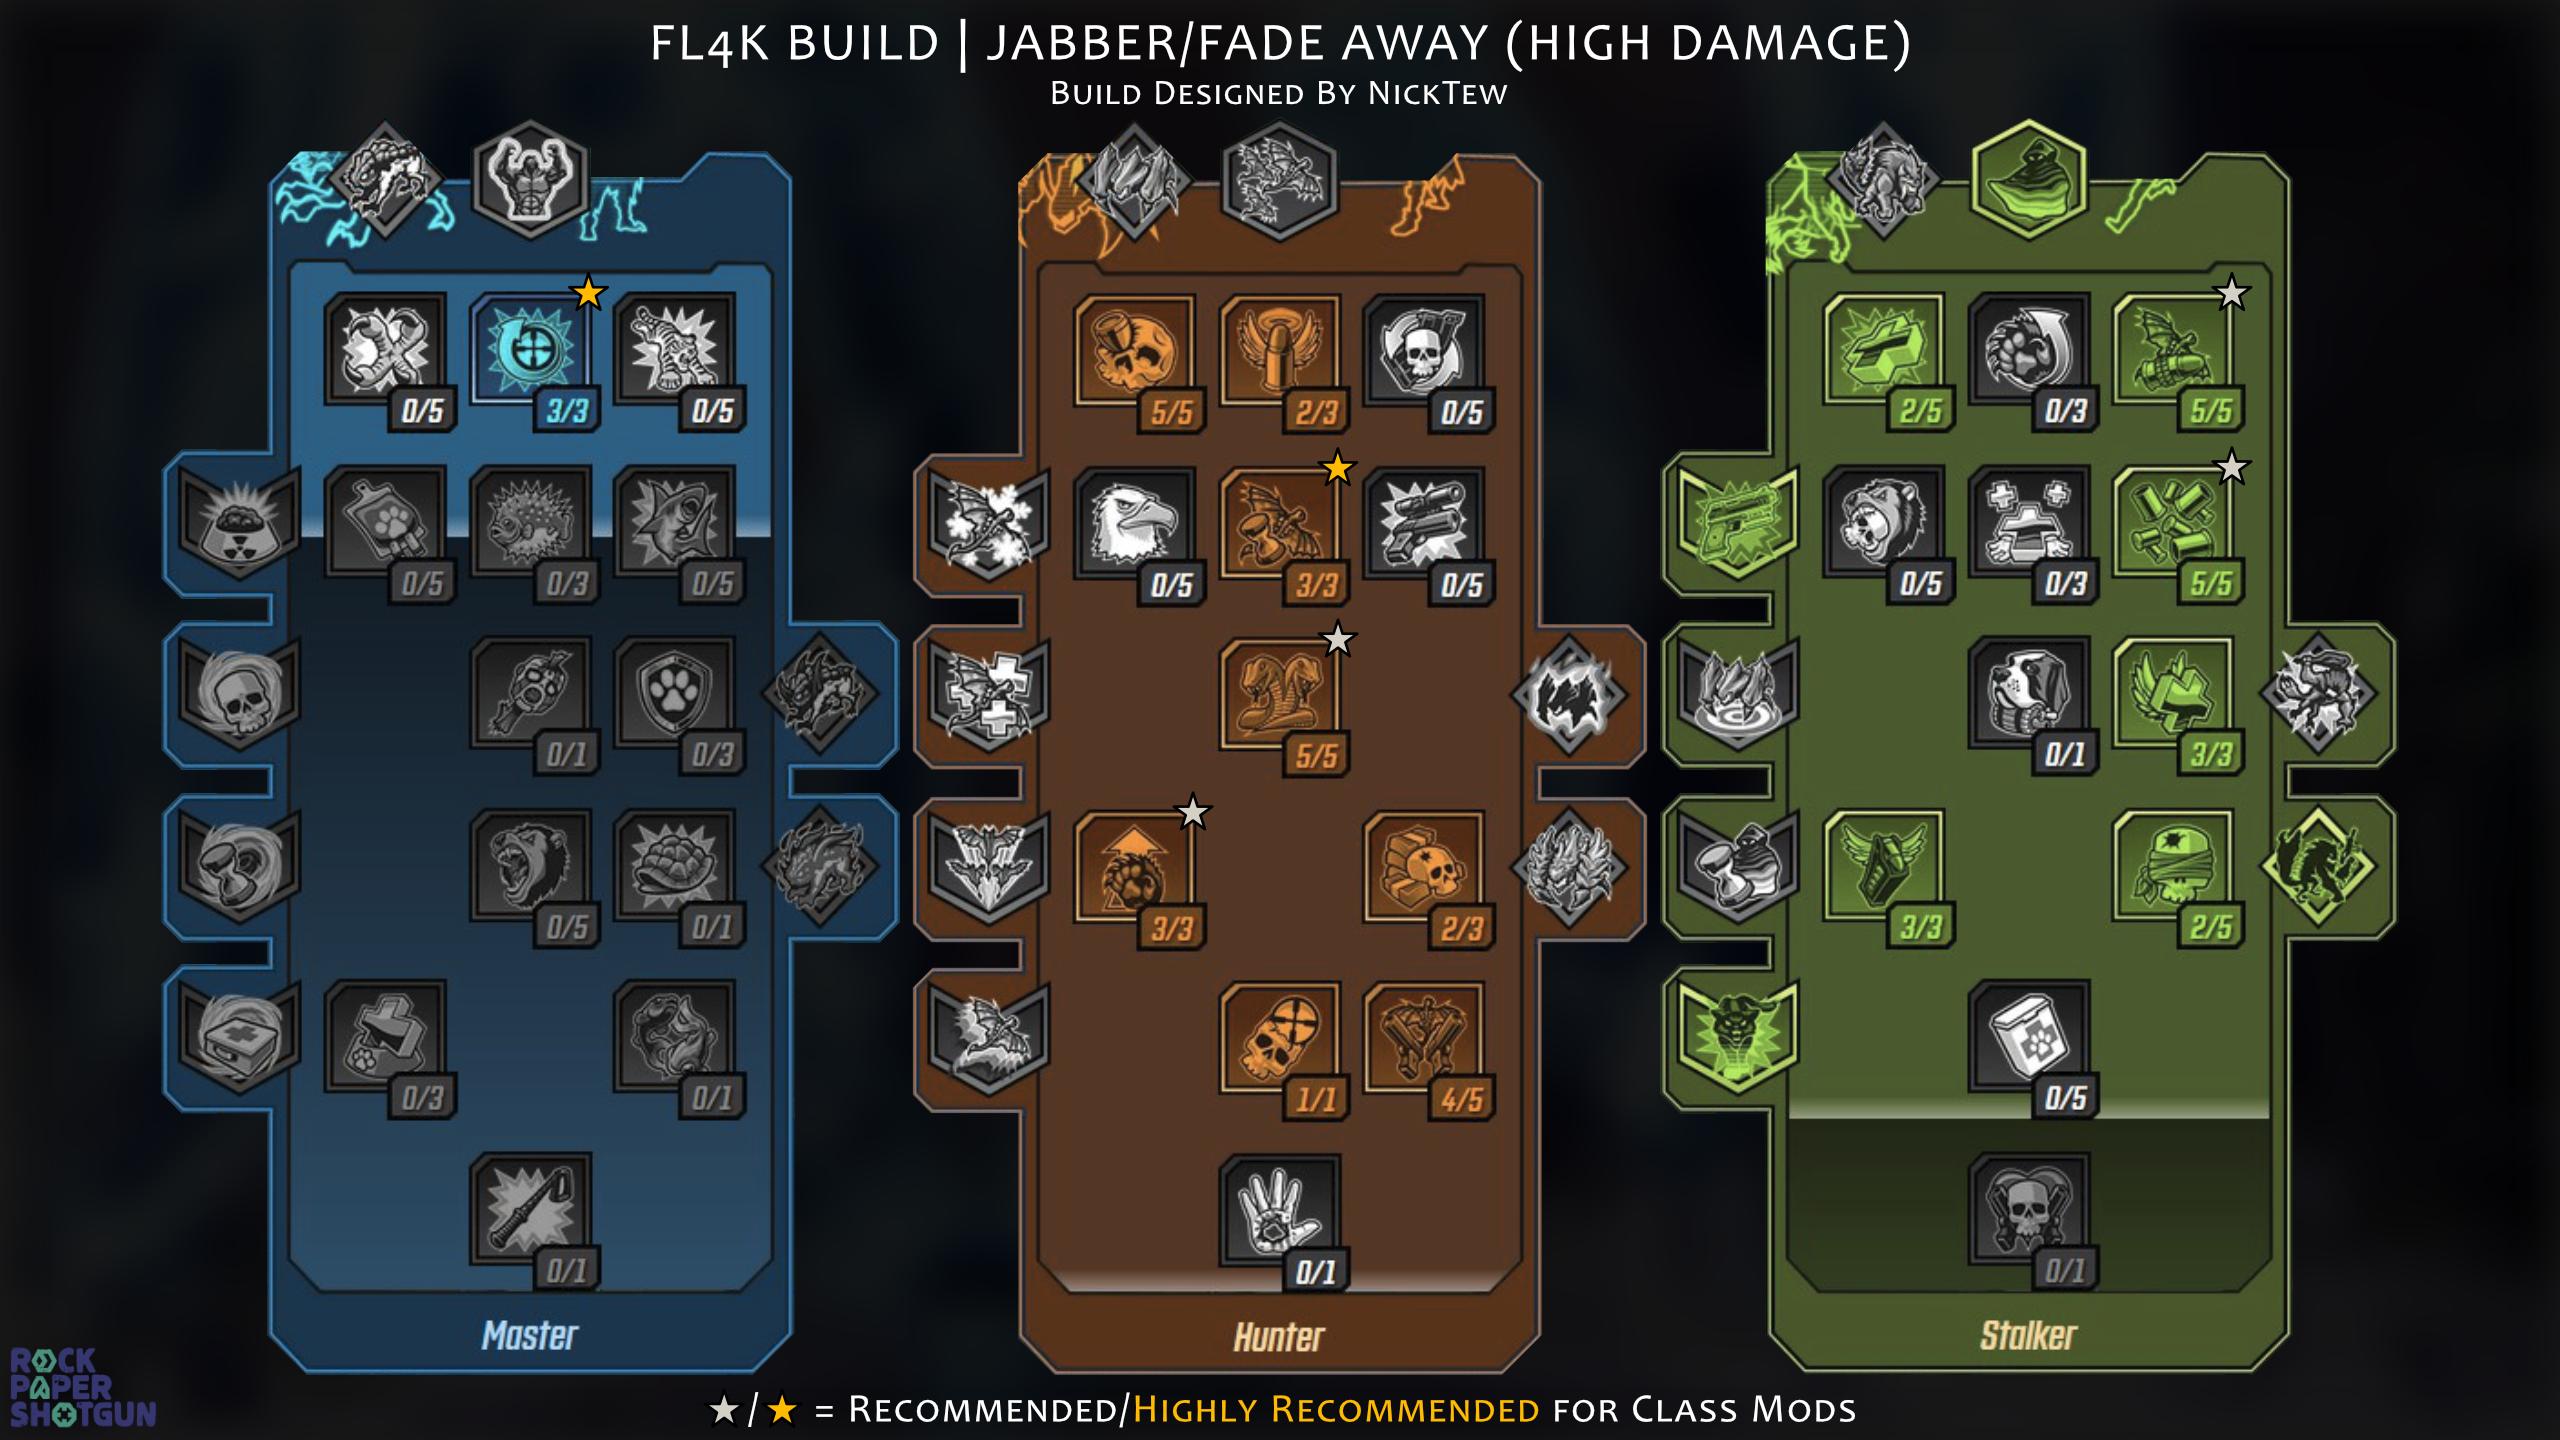 Borderlands 3 FL4K build - Jabber & Fade Away (High Damage)